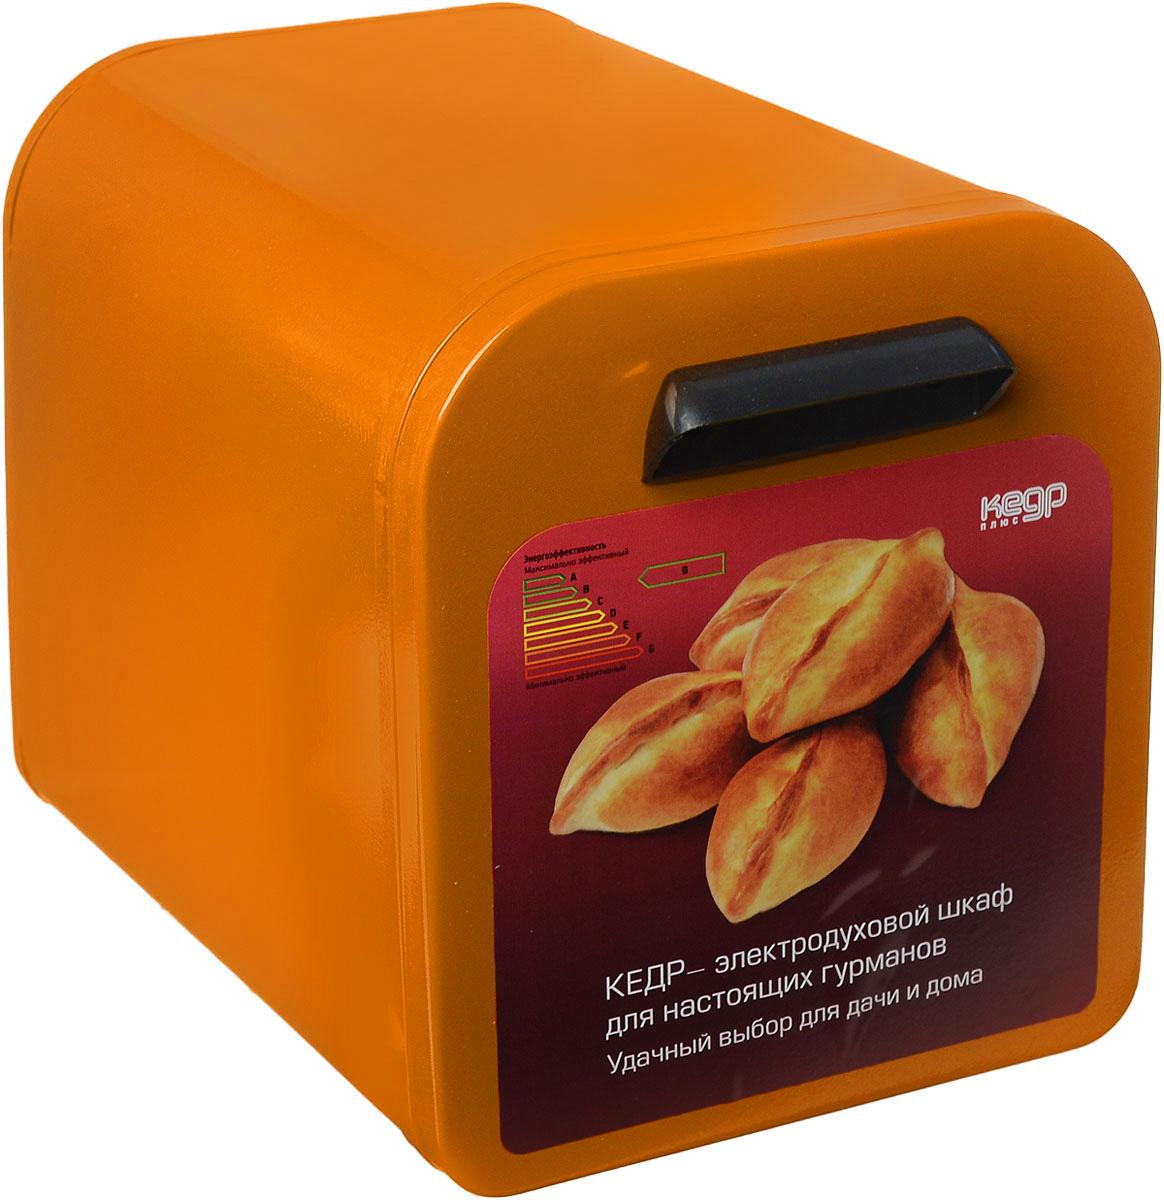 Кедр ЖШ-0,625/220, Orange жарочный шкафШЖ-0,625/220 OЖарочный шкаф Кедр предназначен для выпечки в домашних условиях различных изделий из теста, а также для запекания картофеля и приготовления блюд из мяса, птицы, рыбы. Такжев нем можно сушить ягоды, грибы и фрукты. Идеален для использования дома, на даче или в гараже.Этот жарочный шкаф отличается низким энергопотреблением - всего 0,625 кВт, что обеспечивает значительную экономию электроэнергии по сравнению с микроволновой печью и бесперебойную работу в условиях нестабильного электроснабжения в сельскойместности, имеет большой срок службы - до 20-ти лет. Но, пожалуй, главная его особенность и уникальность заключается в том, что он создает эффект русской печи. Так происходит, потому что тепло по всему периметру жарочного шкафа распределяется равномерно и как бы окутывает блюдо со всех сторон. В процессе приготовления еды не задействованы микроволны, о вреде которых идет так много споров. А, значит, жарочный шкаф Кедр составит хорошую альтернативу микроволновке.Основные преимущества: Высокие вкусовые качества приготовленных блюд Увеличенный срок службы (до 20 лет) Гарантийный срок - 24 месяца Низкое энергопотребление Отсутствие микроволн Легкость и простота эксплуатации Время разогрева до температуры 250°С - не более 20 минут Внутренние размеры: 315 x 205 x 205 мм